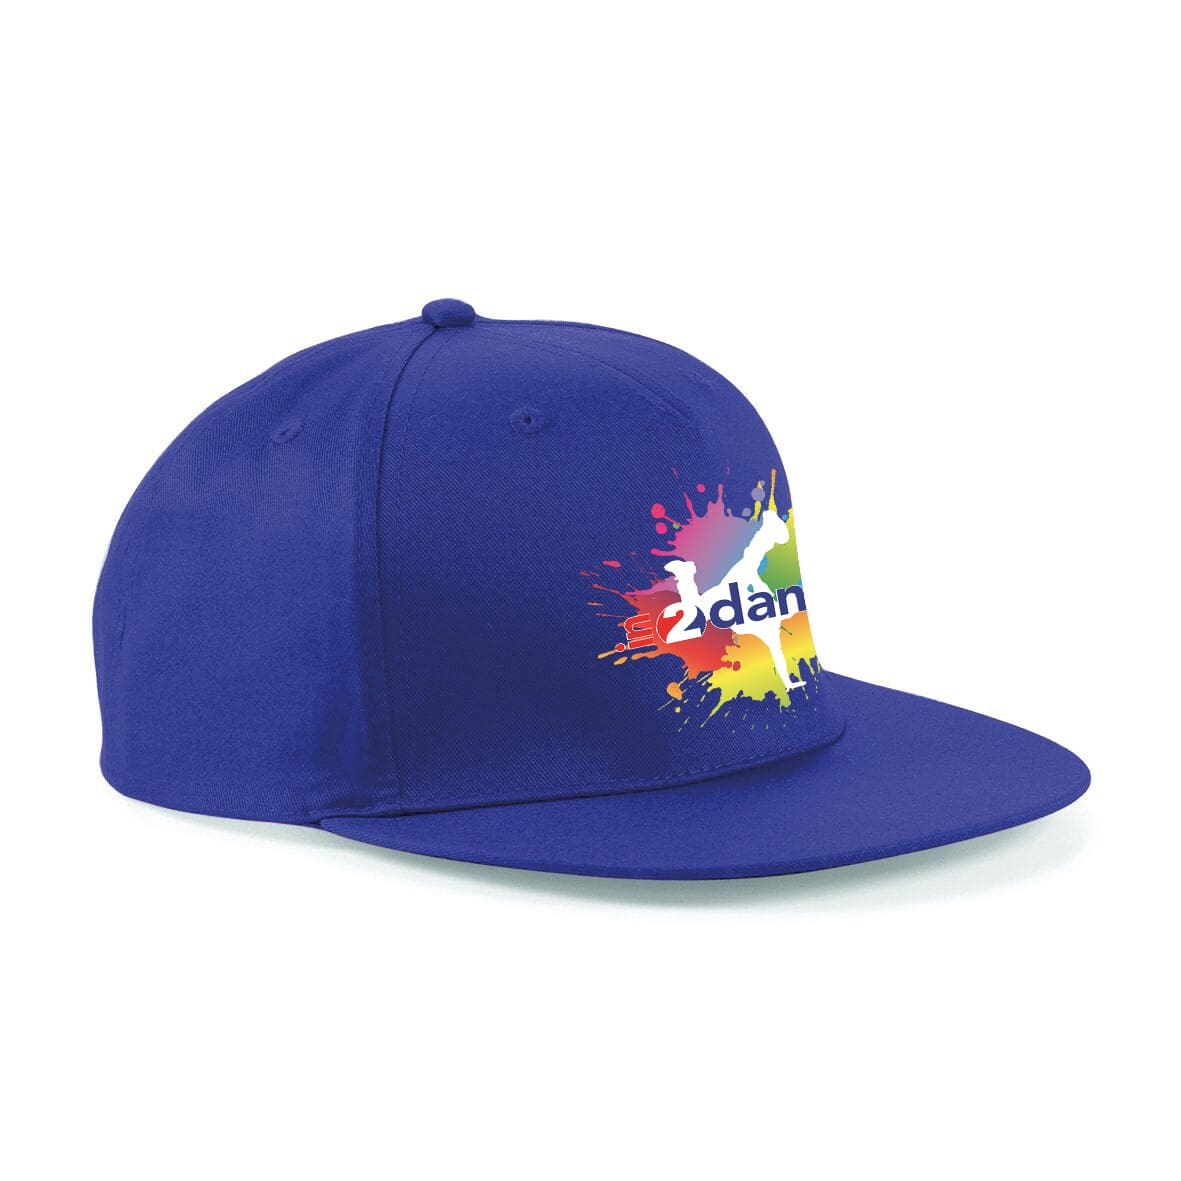 In2Dance purple snapback